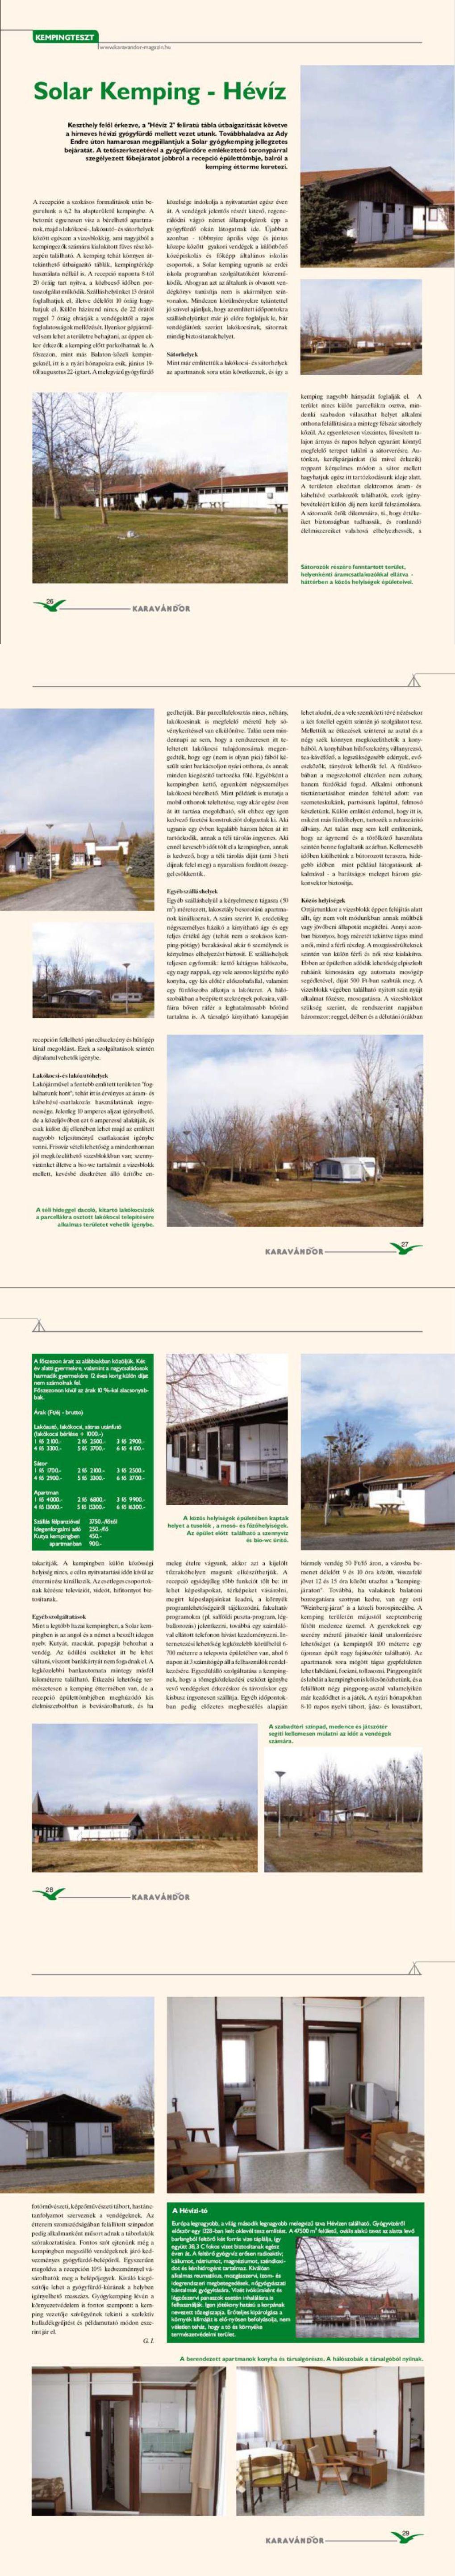 Kempingteszt - Solar Kemping, Hévíz